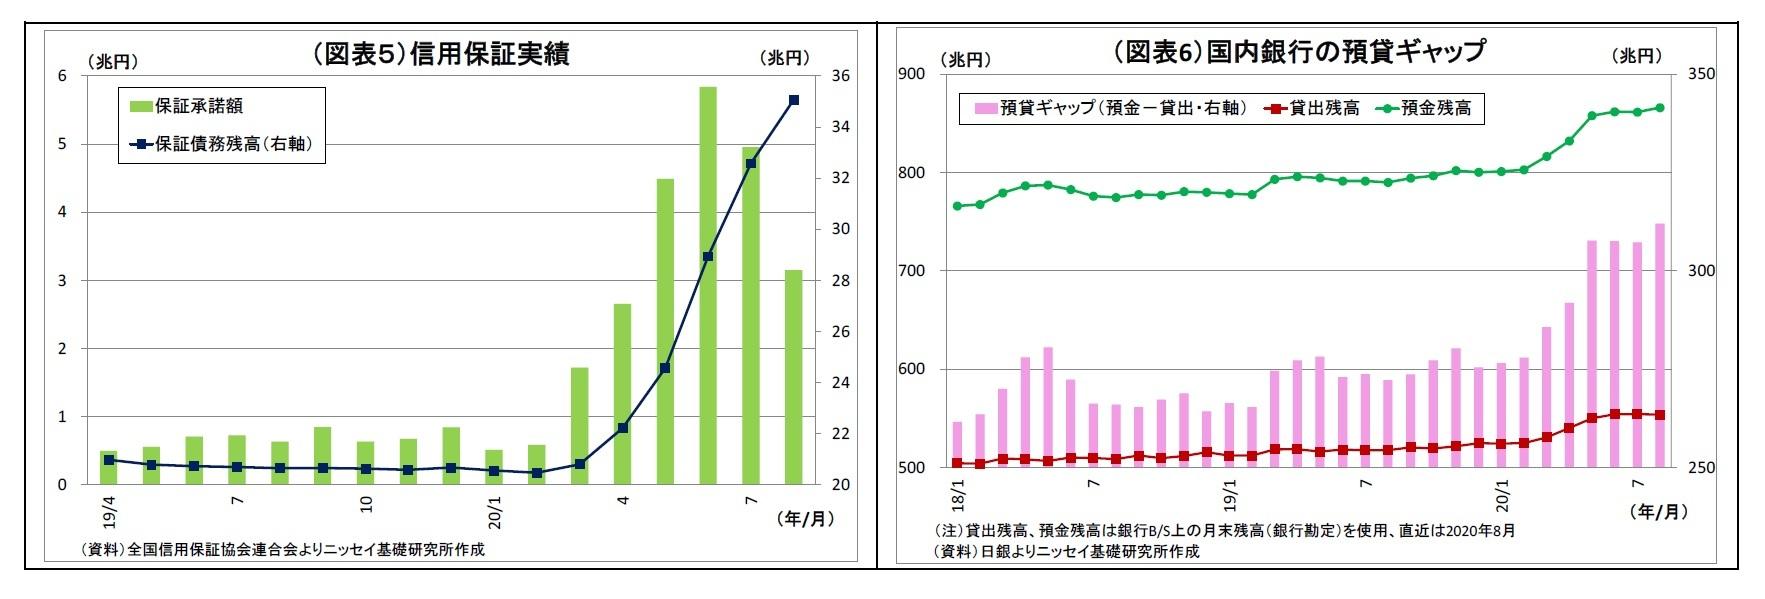 (図表5)信用保証実績/(図表6)国内銀行の預貸ギャップ